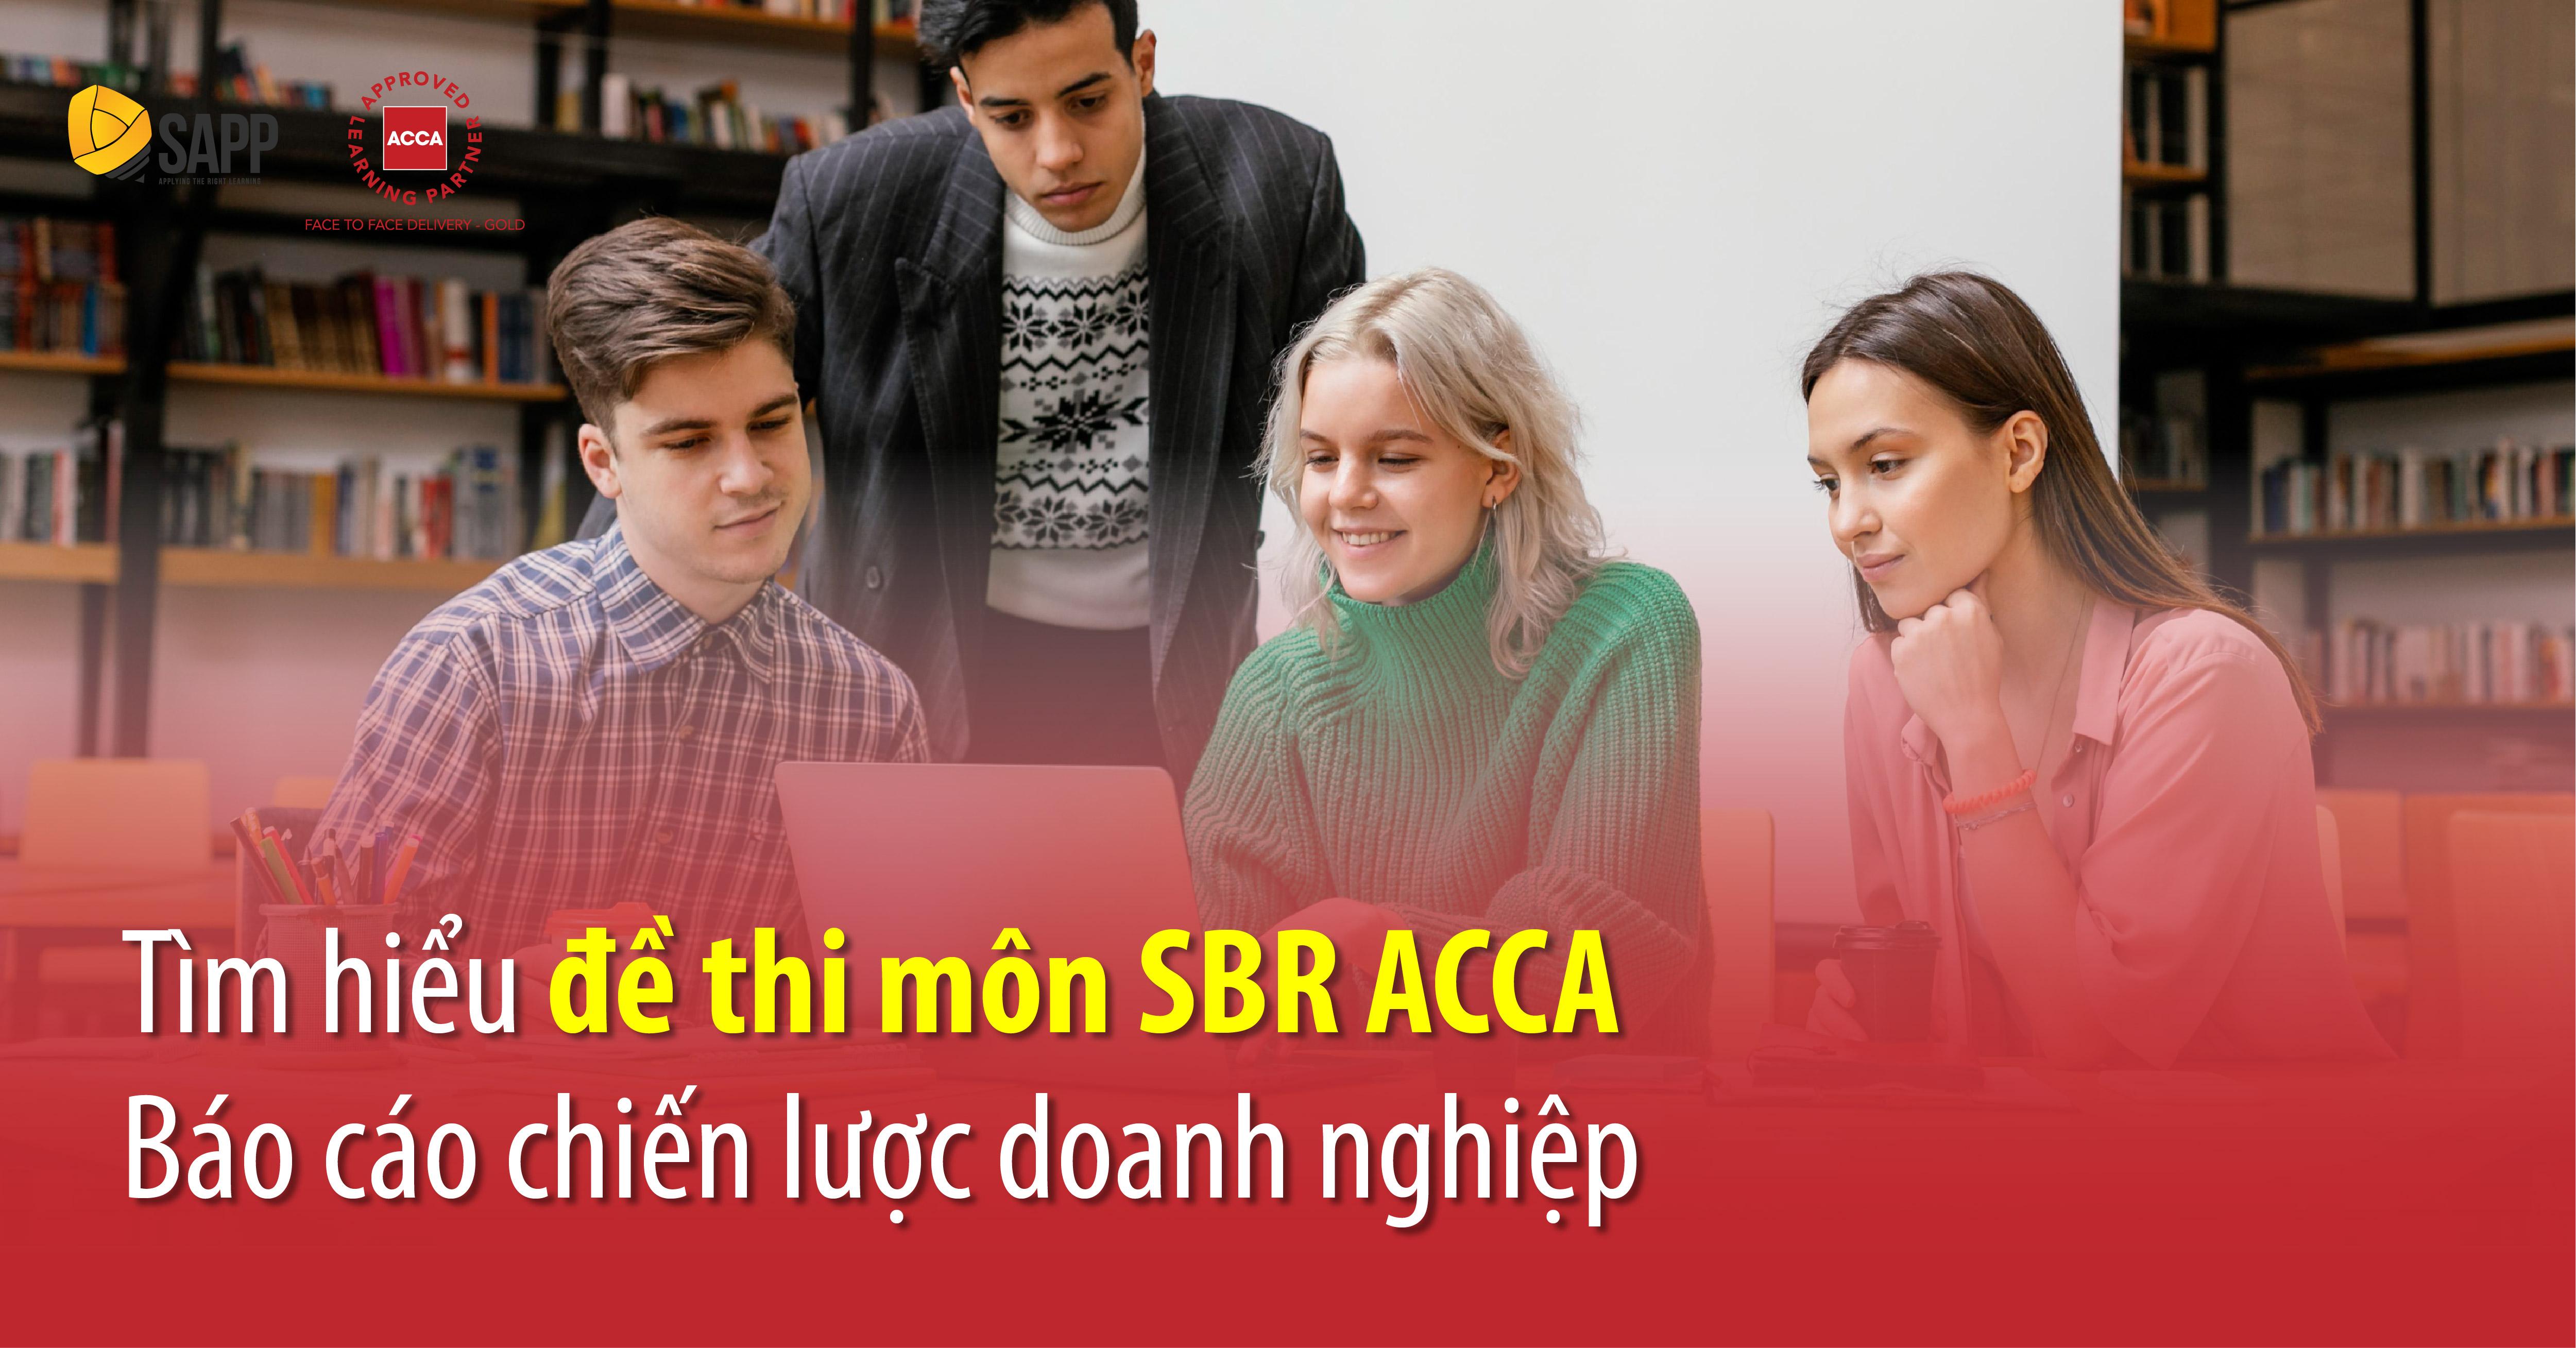 Tìm hiểu đề thi môn SBR ACCA - Báo cáo chiến lược doanh nghiệp